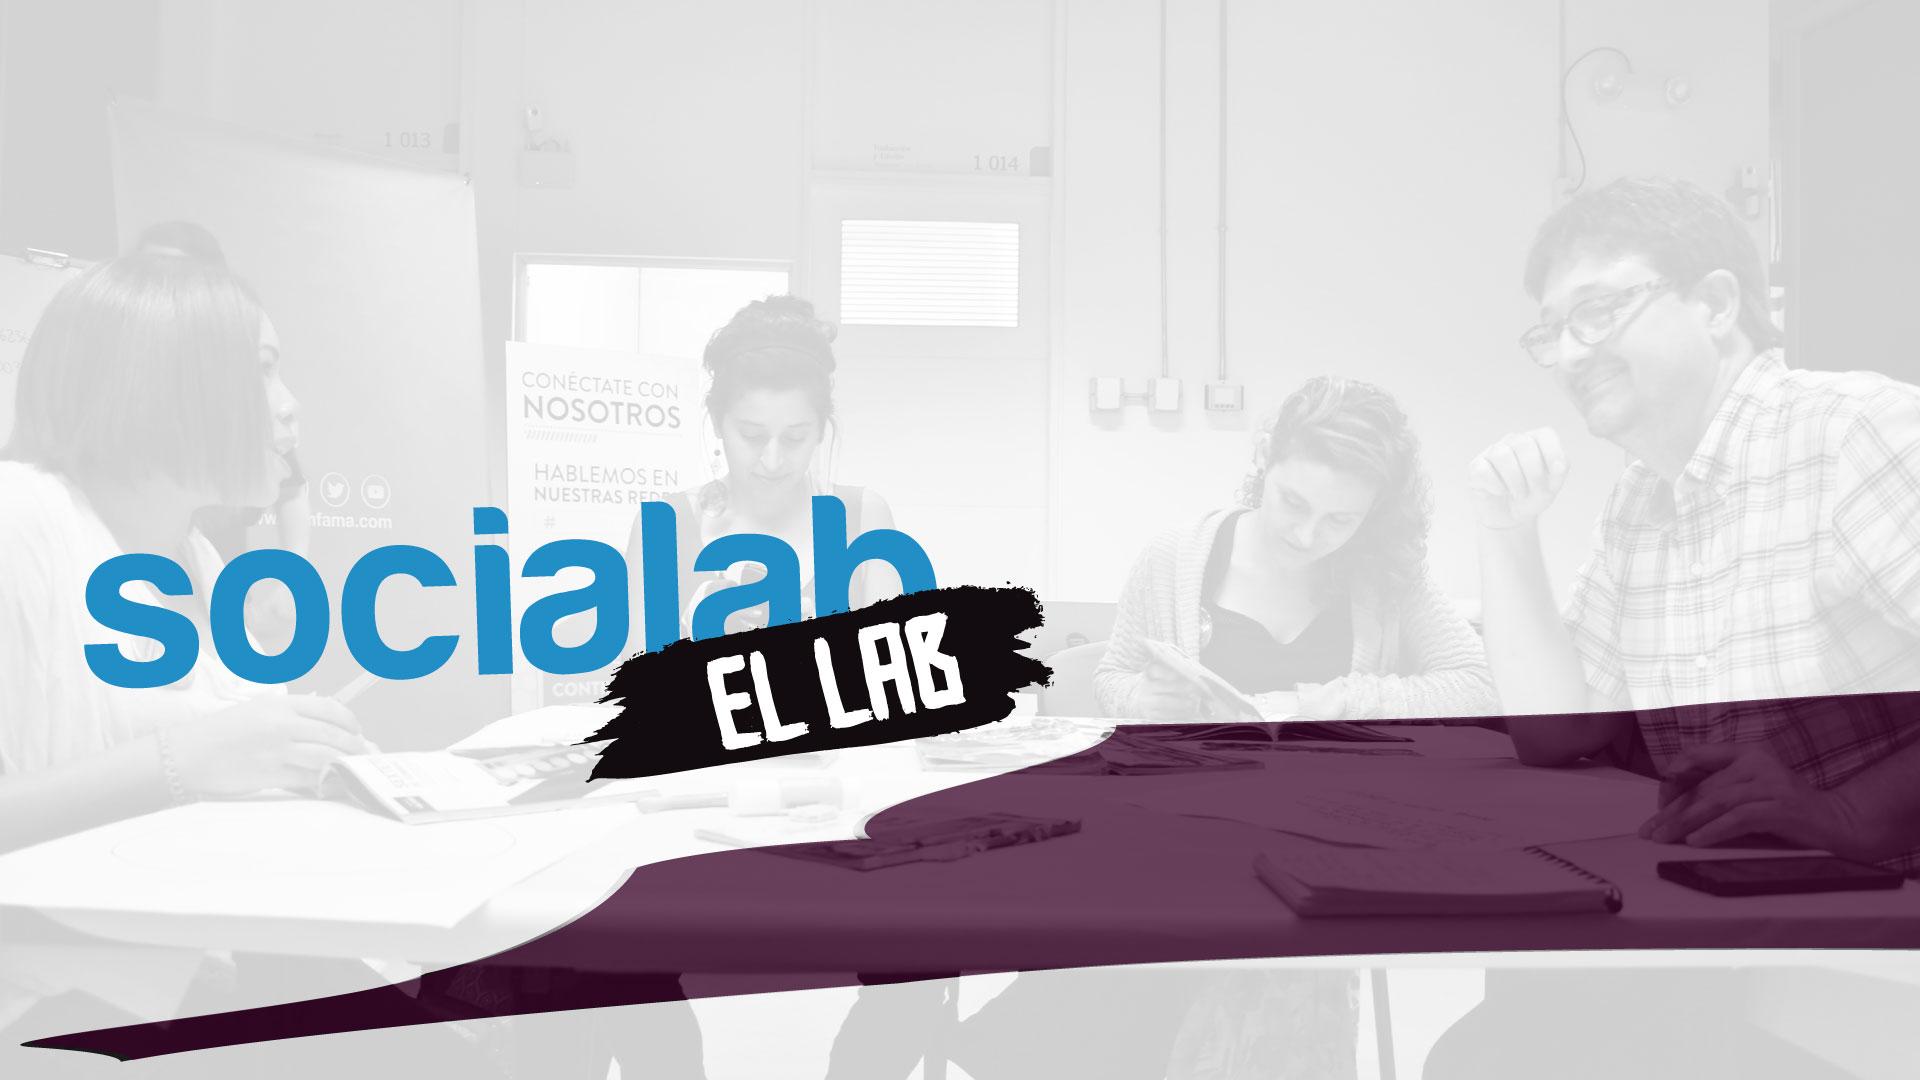 Socialab abre convocatoria para becas a emprendedores con impacto social en Colombia